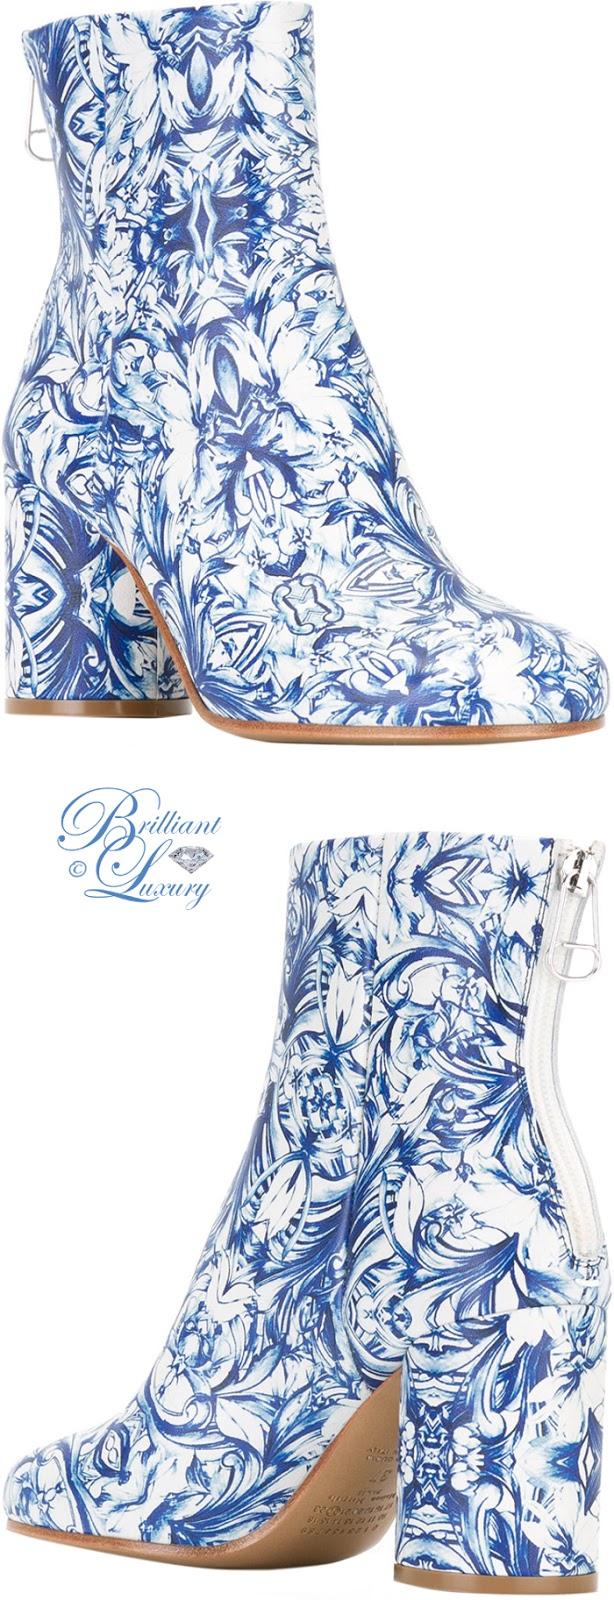 Brilliant Luxury ♦ Maison Margiela China Print Boots